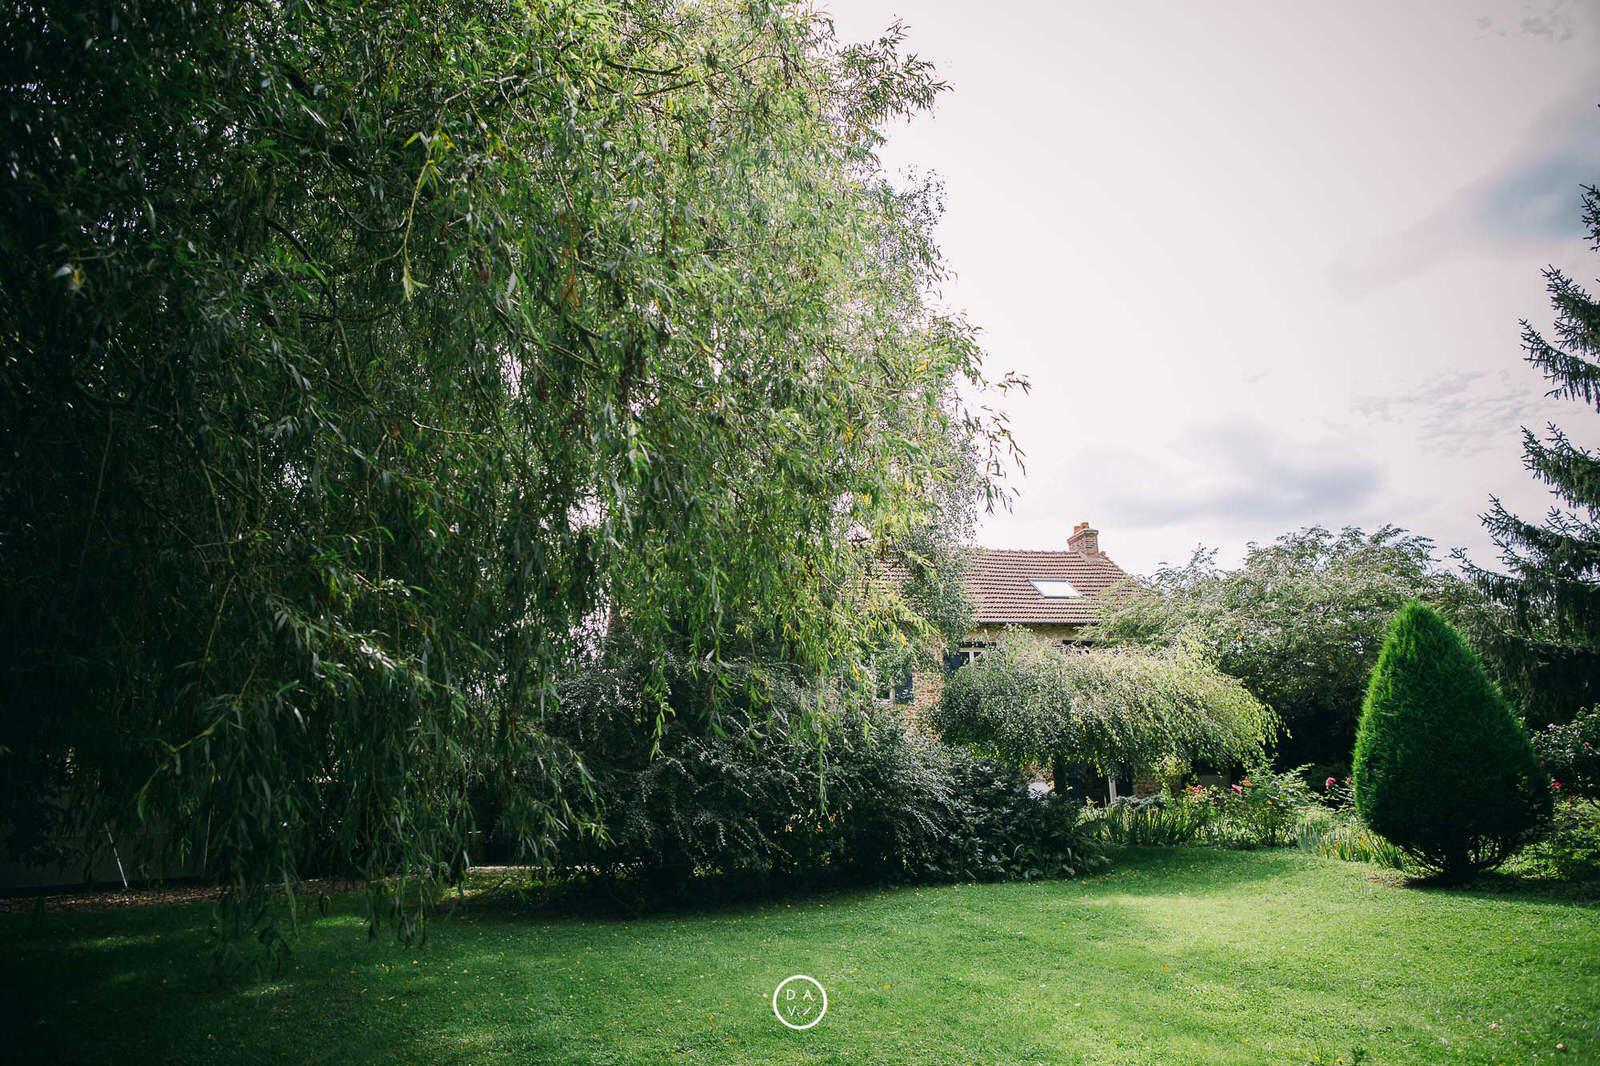 photos prises janvry et breteuil au chteau de breteuil en aot 2014 essonne et yvelines ile de france - Chateau De Breteuil Mariage